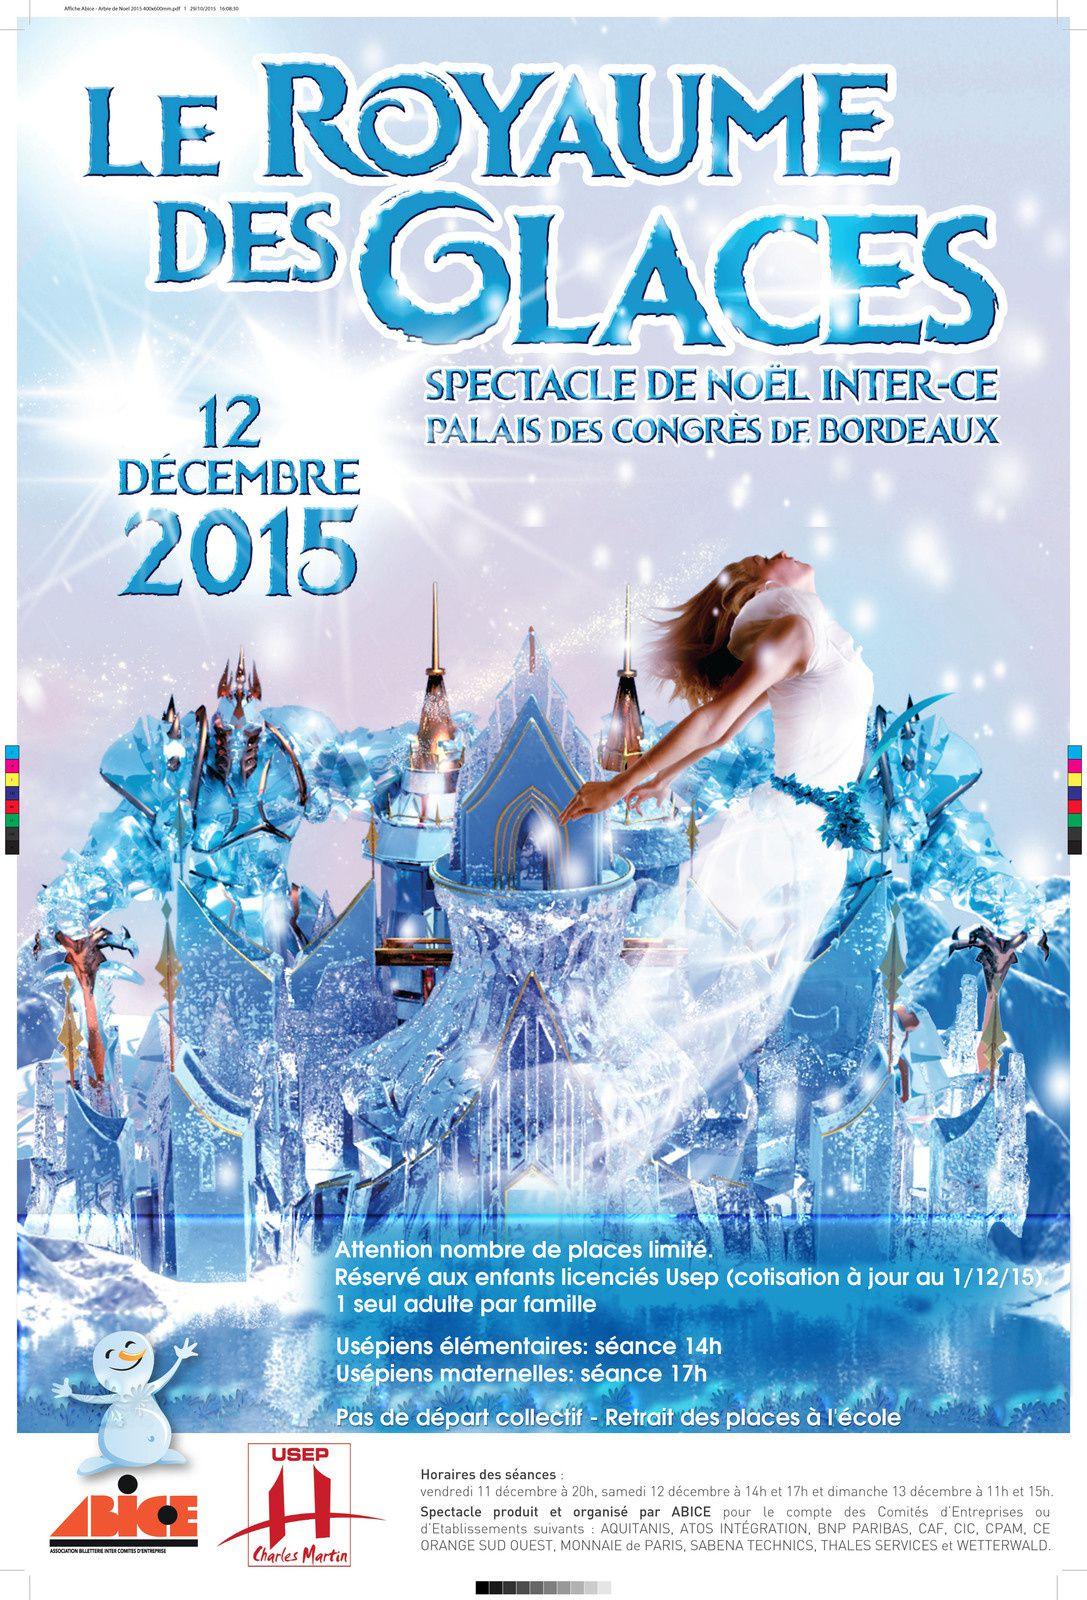 Spectacle Haut Niveau football : Bordeaux/Montpellier  32 places maxi